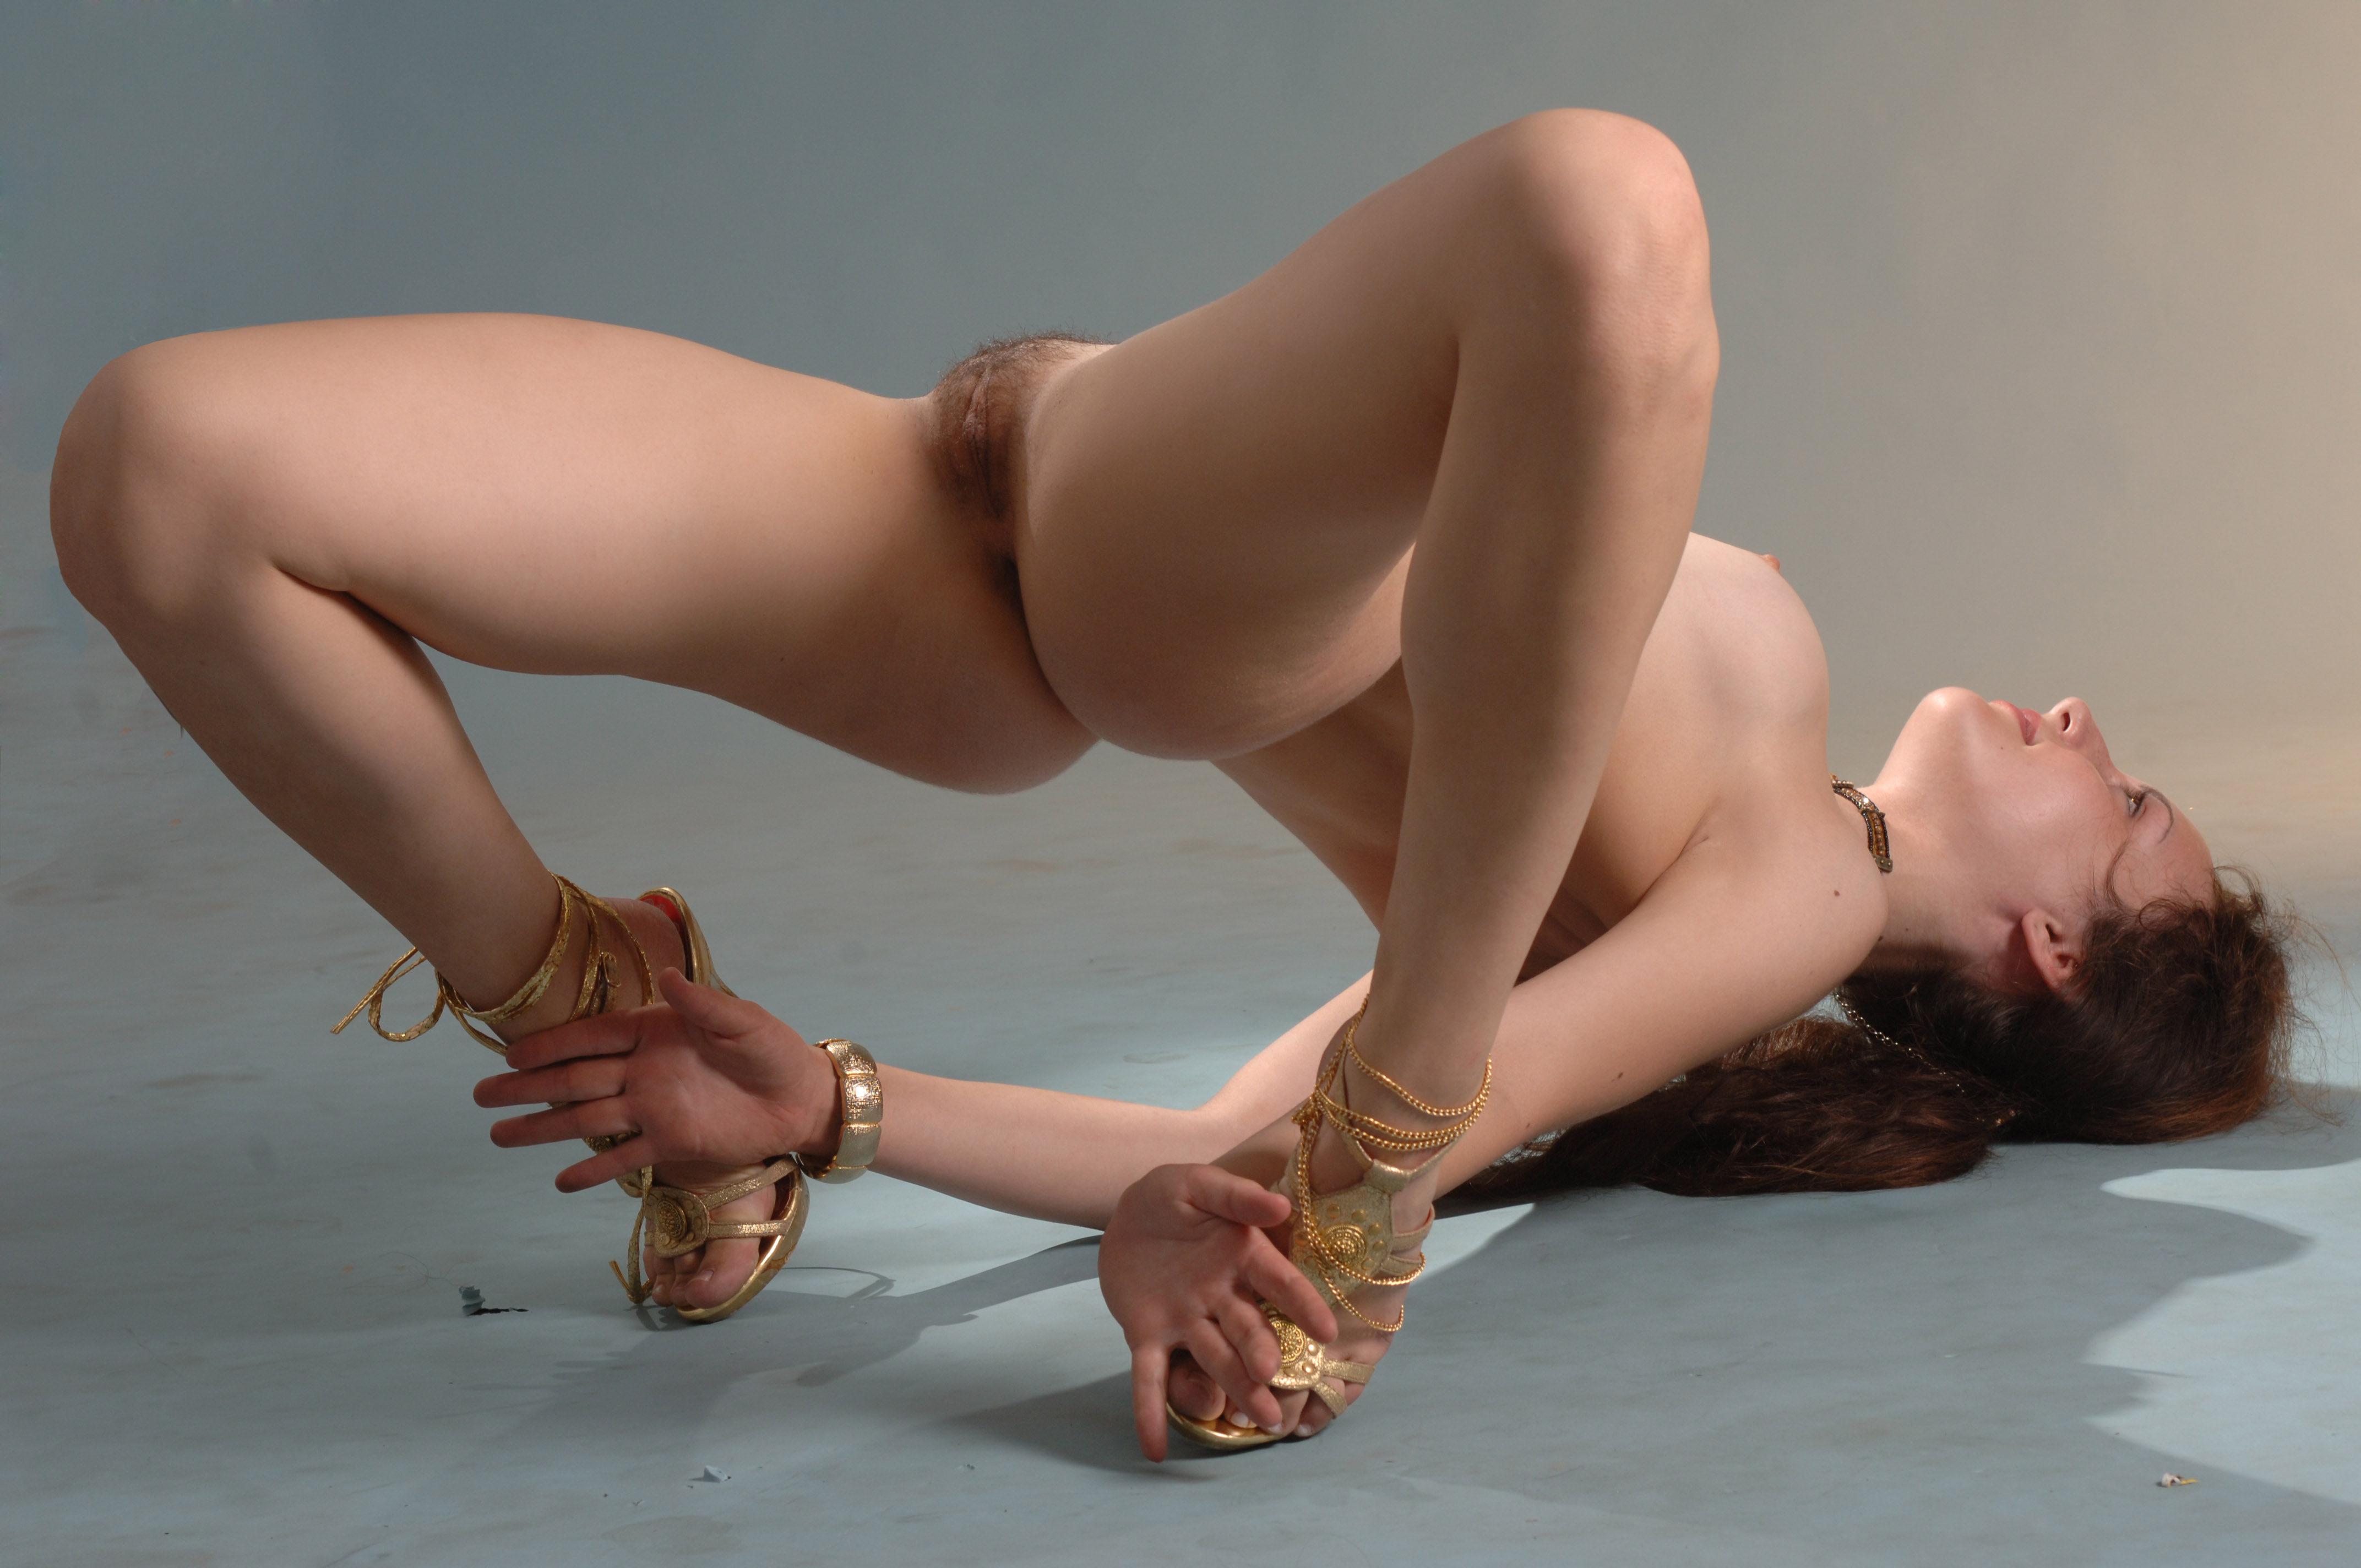 Смотреть порнуху гимнастику 13 фотография